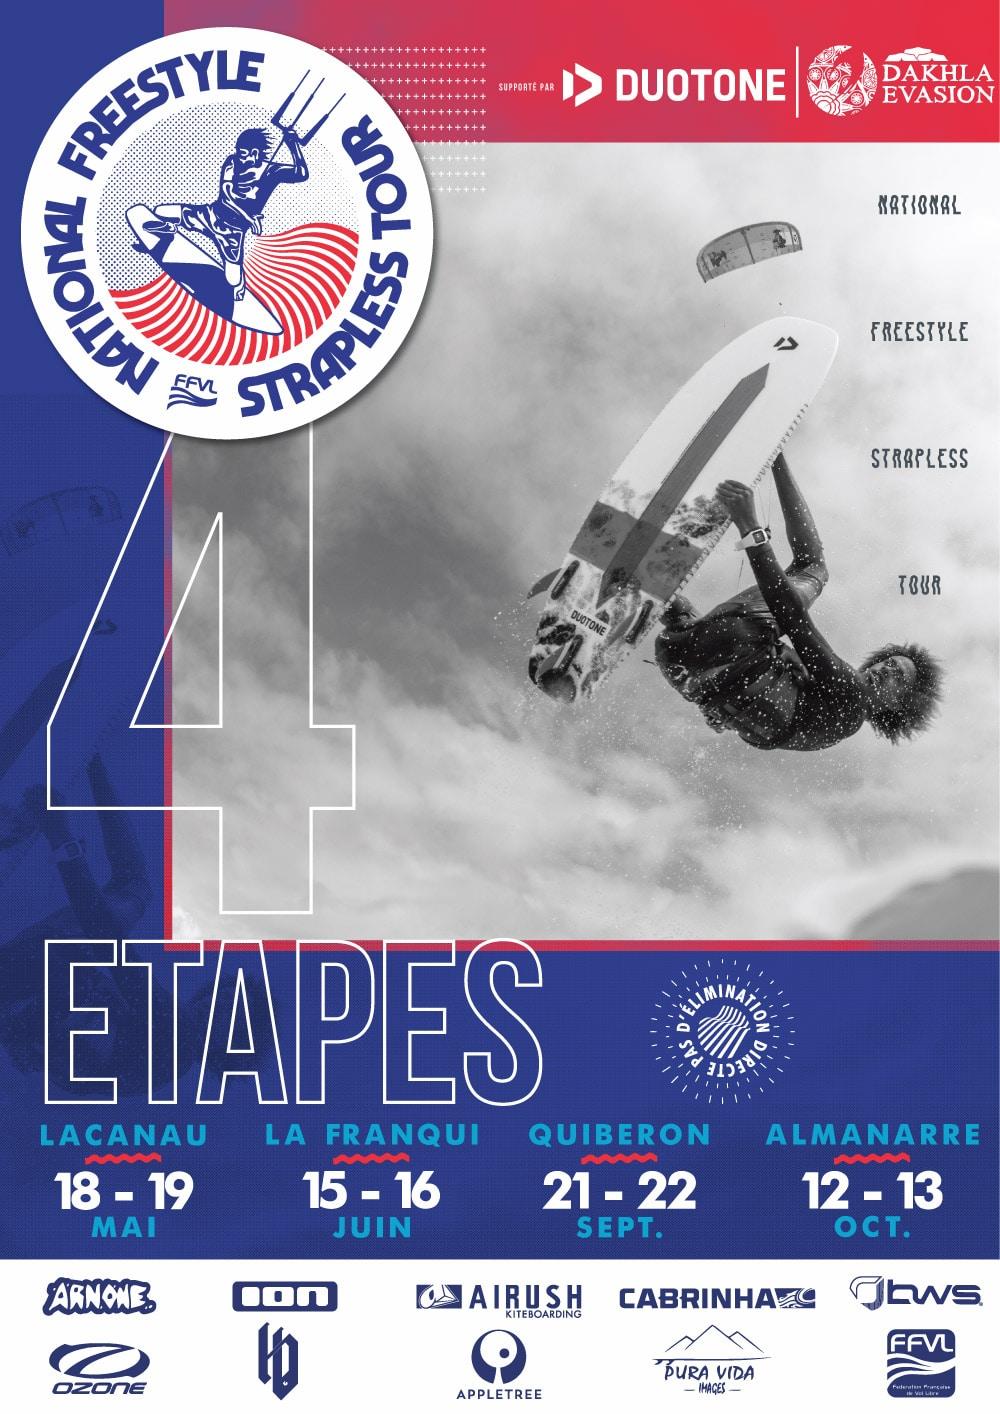 National Freestyle strapless Tour